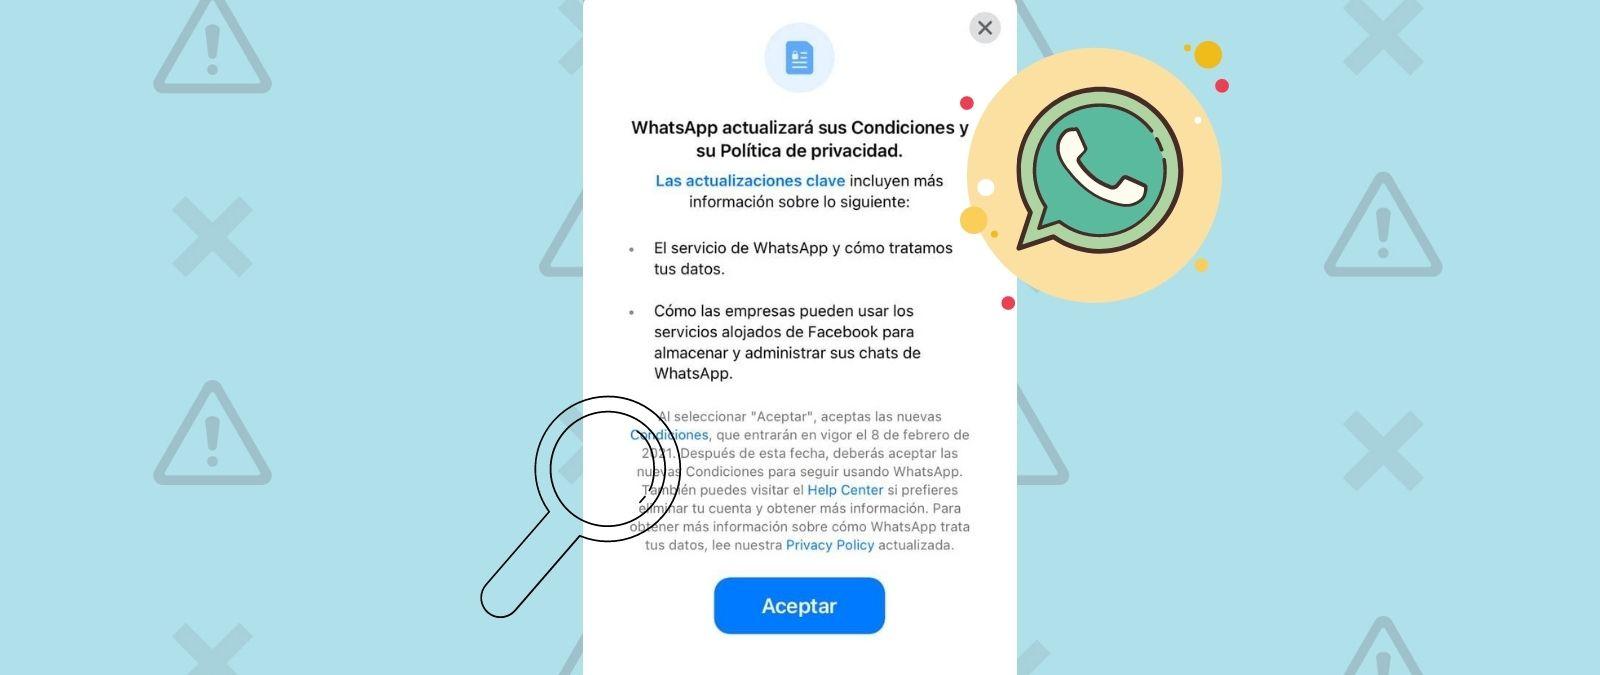 Nuevas Condiciones privacidad WhatsApp